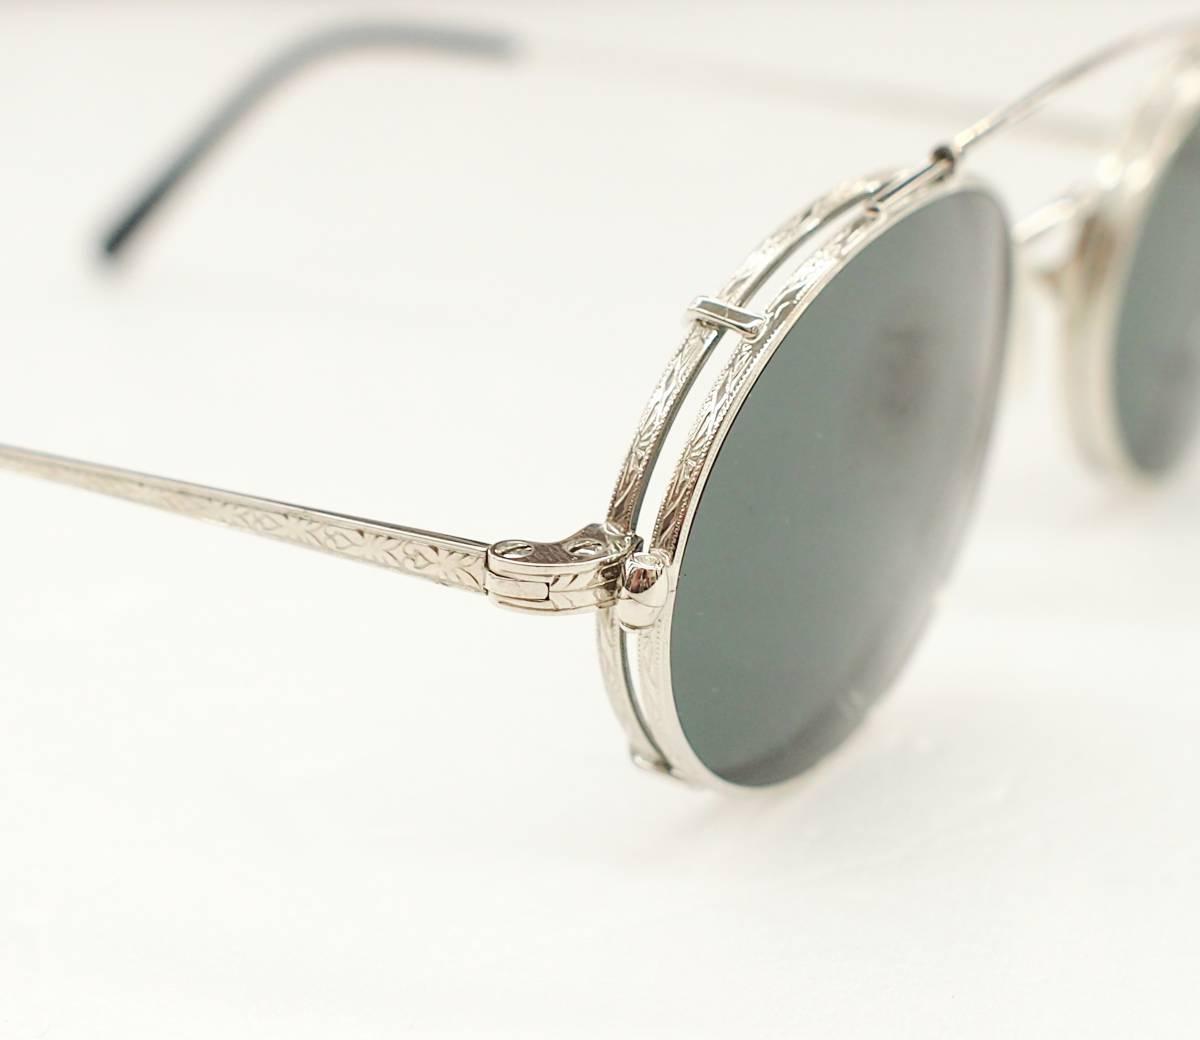 クリップオン付き OLIVER PEOPLES オリバーピープルズ OP-67 S 眼鏡 サングラス_画像4